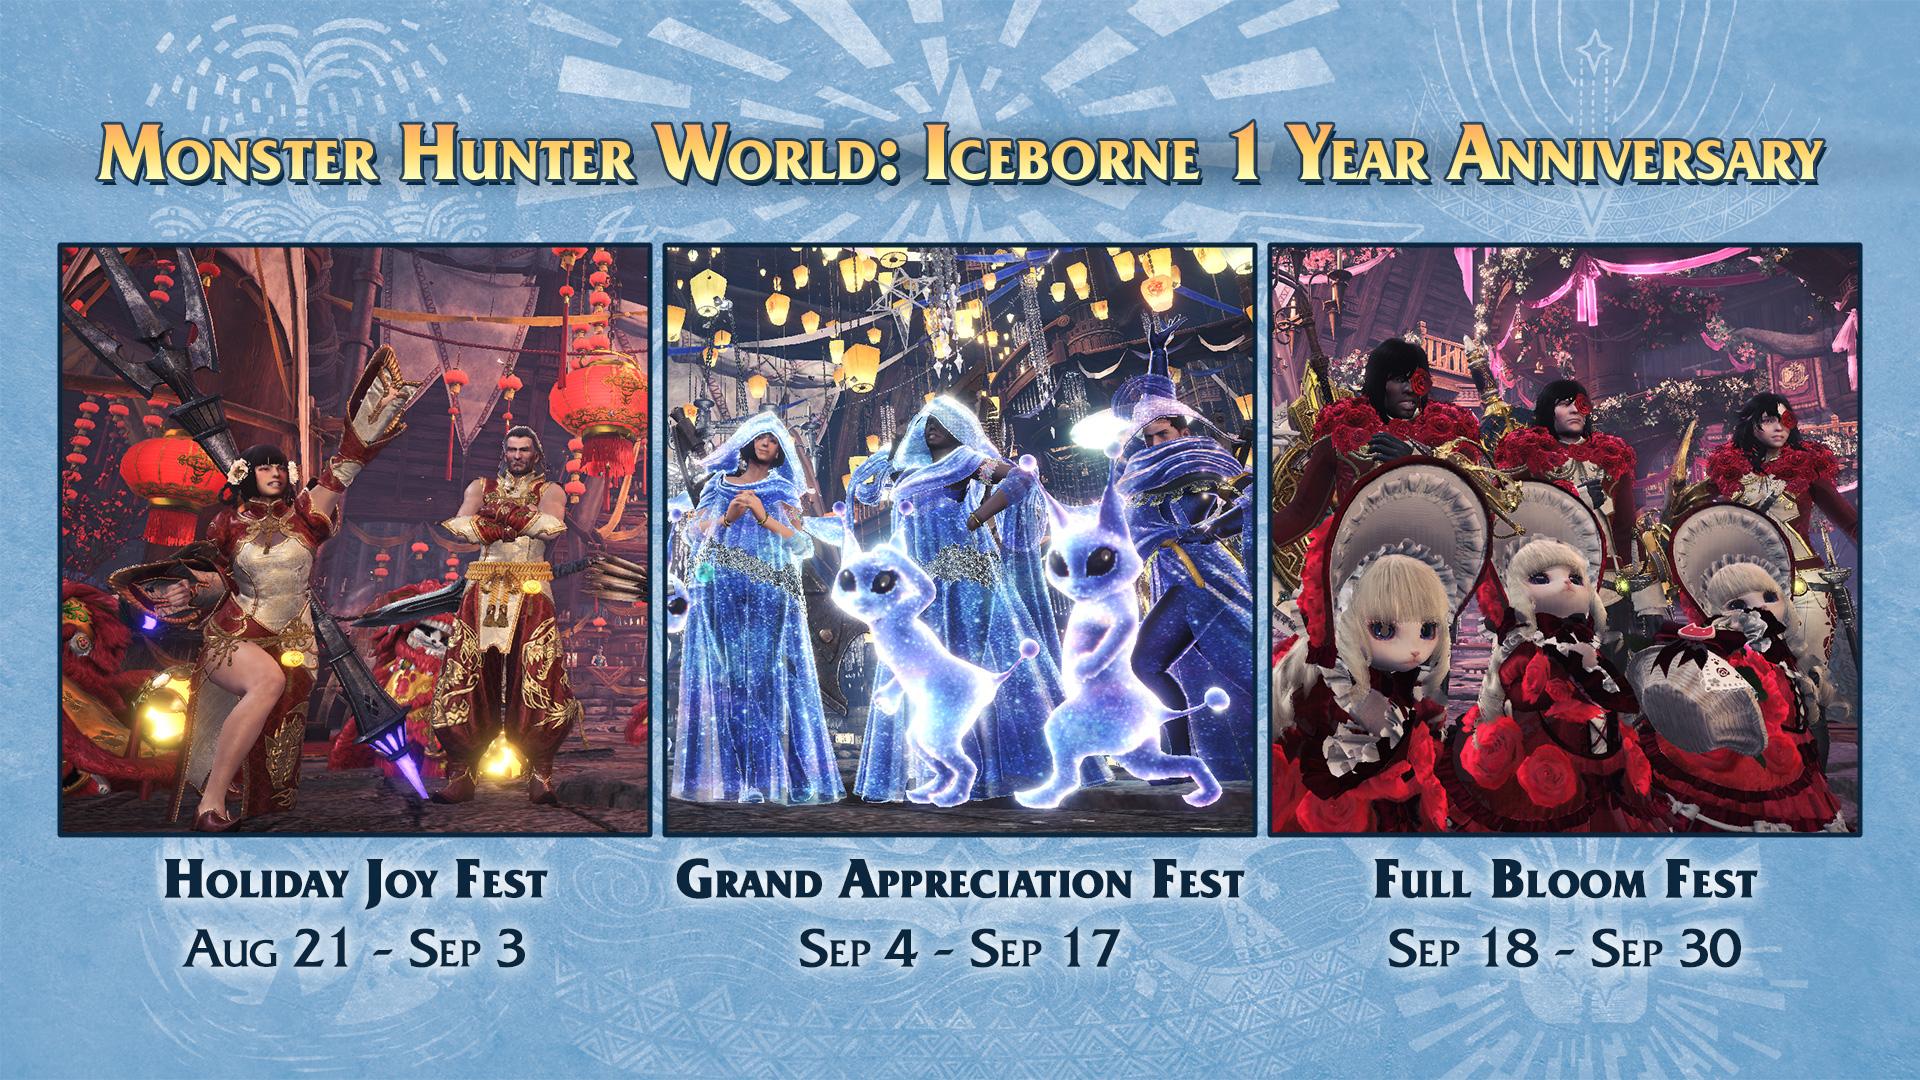 庆祝《怪物猎人世界:冰原》发售一周年 将再次举办星辰祭/月辰祭